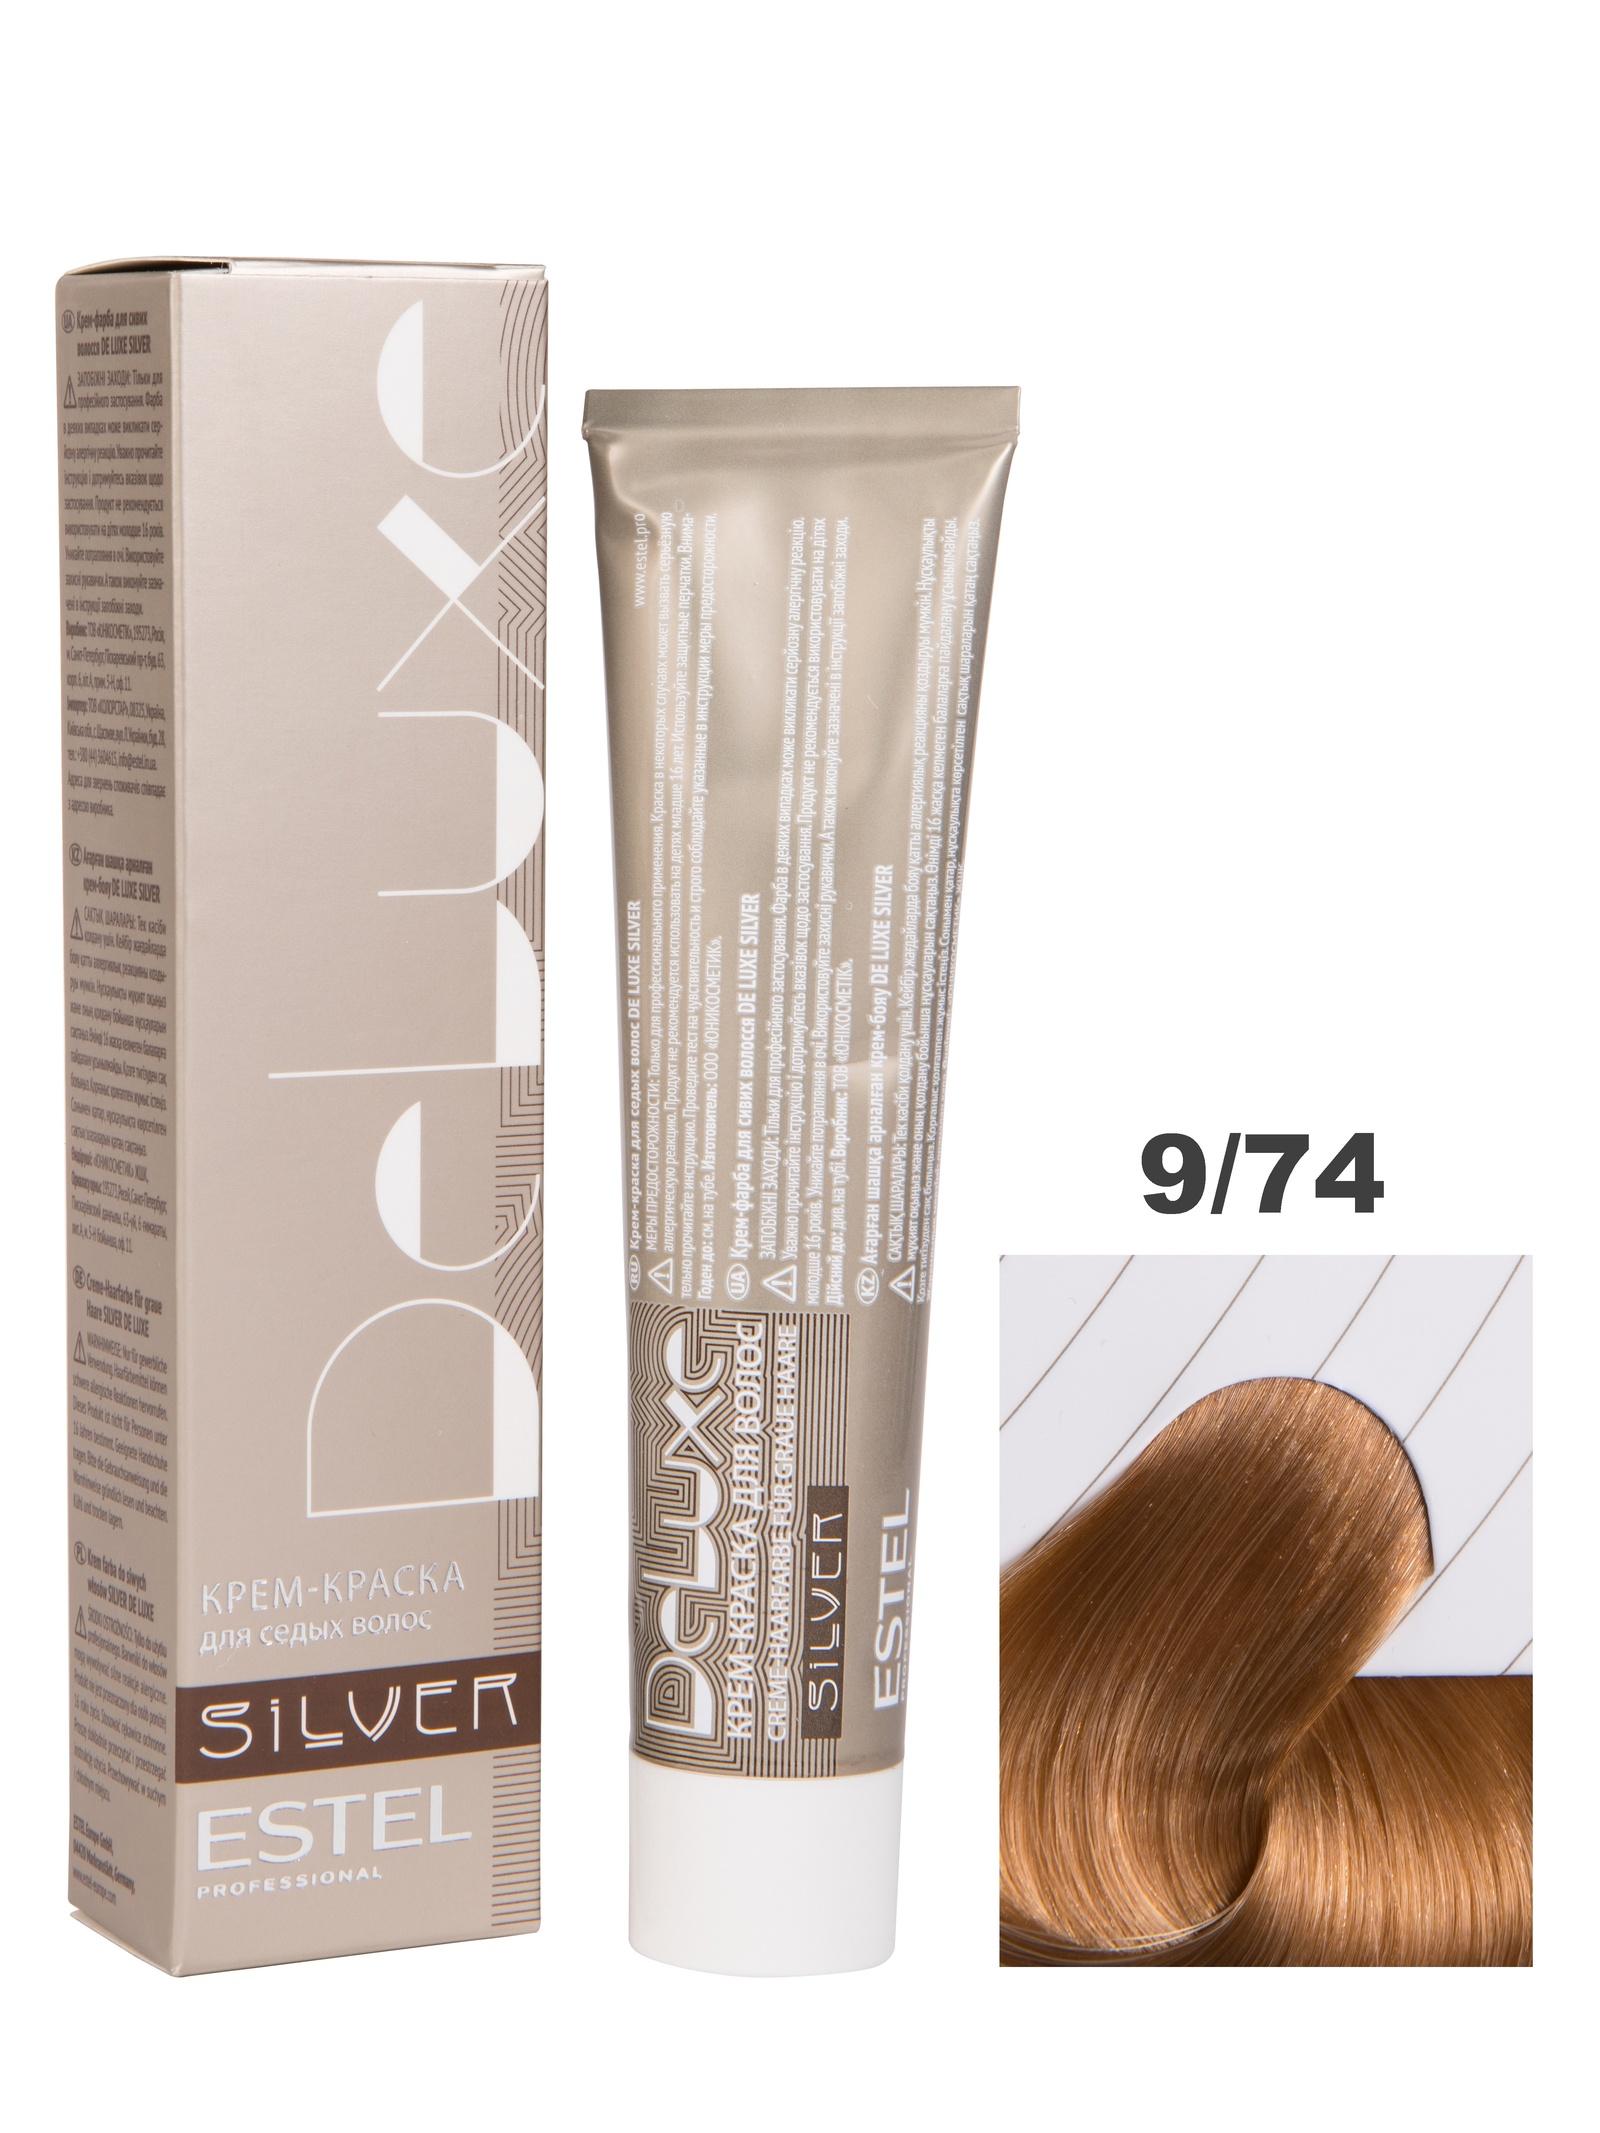 Краска-уход DE LUXE SILVER для окрашивания волос ESTEL PROFESSIONAL 9/74 блондин коричнево-медный 60 мл estel краска уход 9 61 de luxe блондин фиолетово пепельный 60 мл